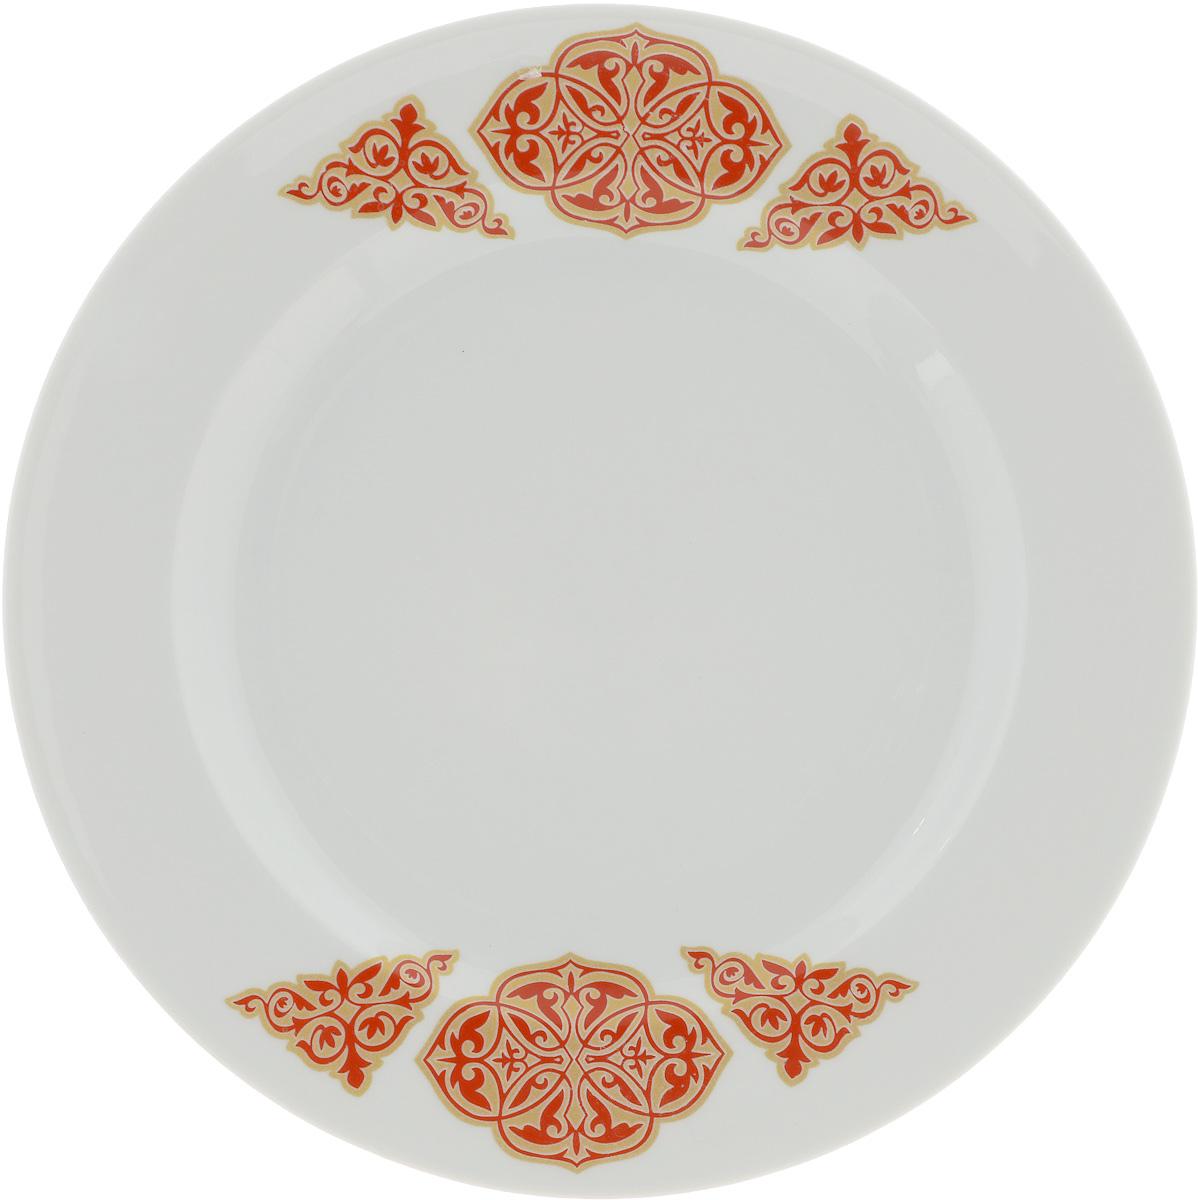 Тарелка Идиллия. Восточный, диаметр 23,5 см1224533Тарелка Идиллия. Восточный изготовлена из высококачественного фарфора. Изделие декорировано красочным изображением. Такая тарелка отлично подойдет в качестве блюда, она идеальна для сервировки закусок, нарезок, горячих блюд. Тарелка прекрасно дополнит сервировку стола и порадует вас оригинальным дизайном. Диаметр тарелки: 23,5 см. Высота стенки: 3 см.